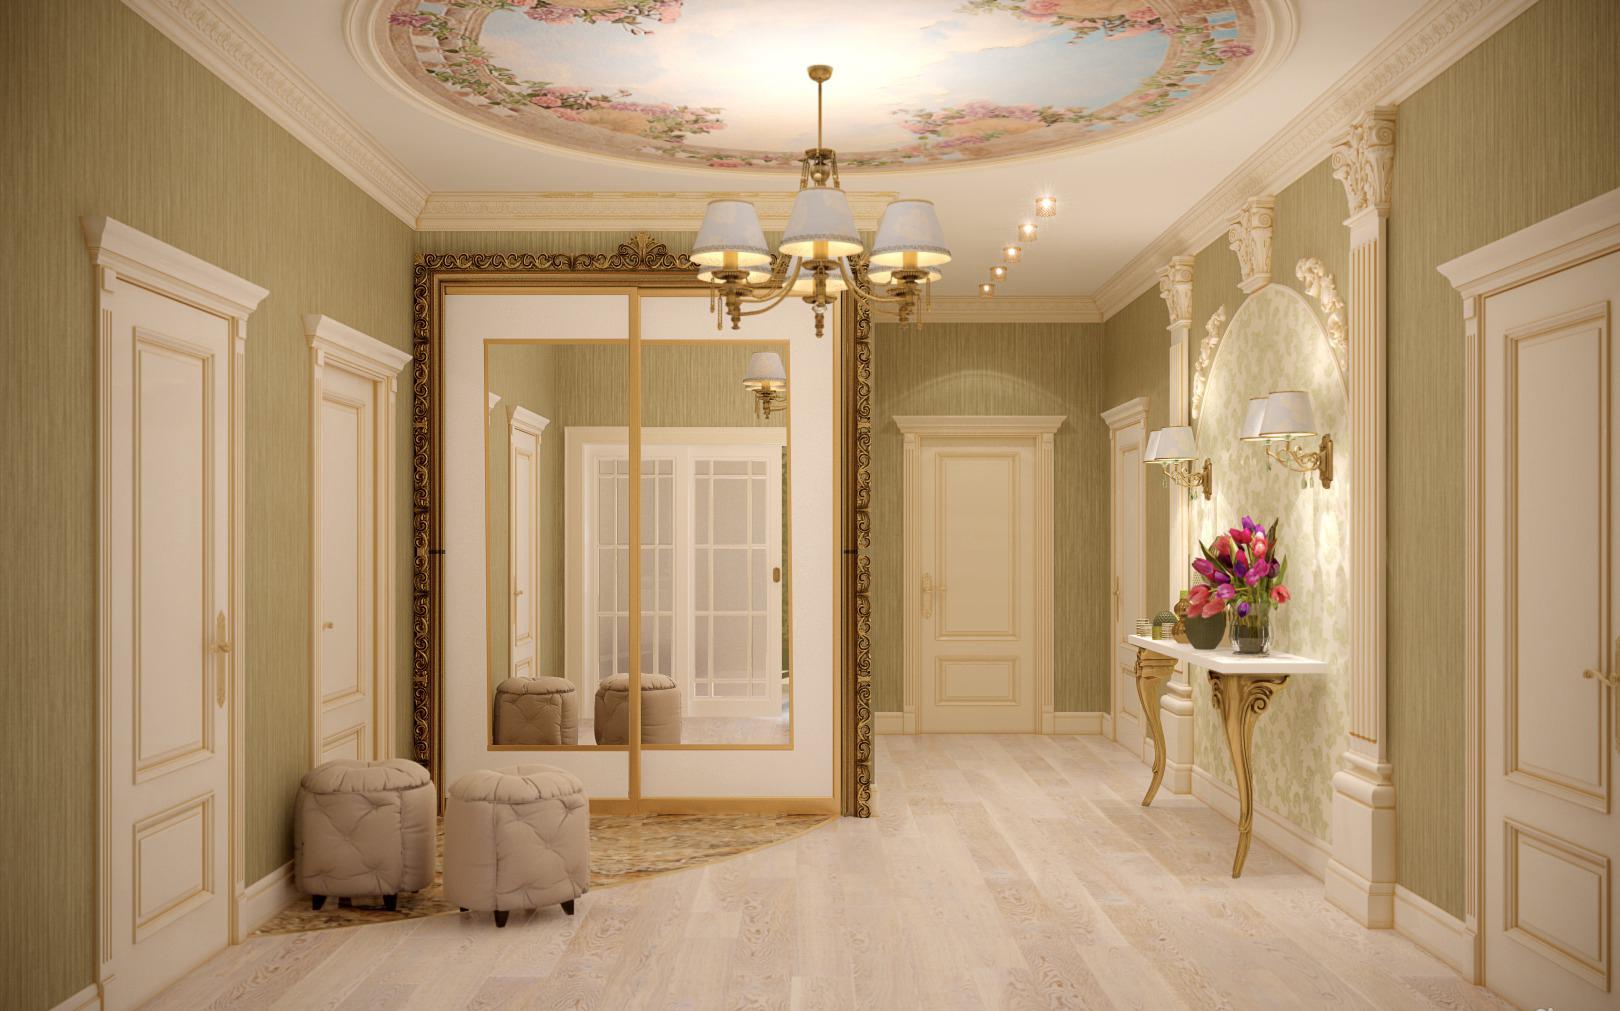 коридор в классическом стиле фото чтоб было мало